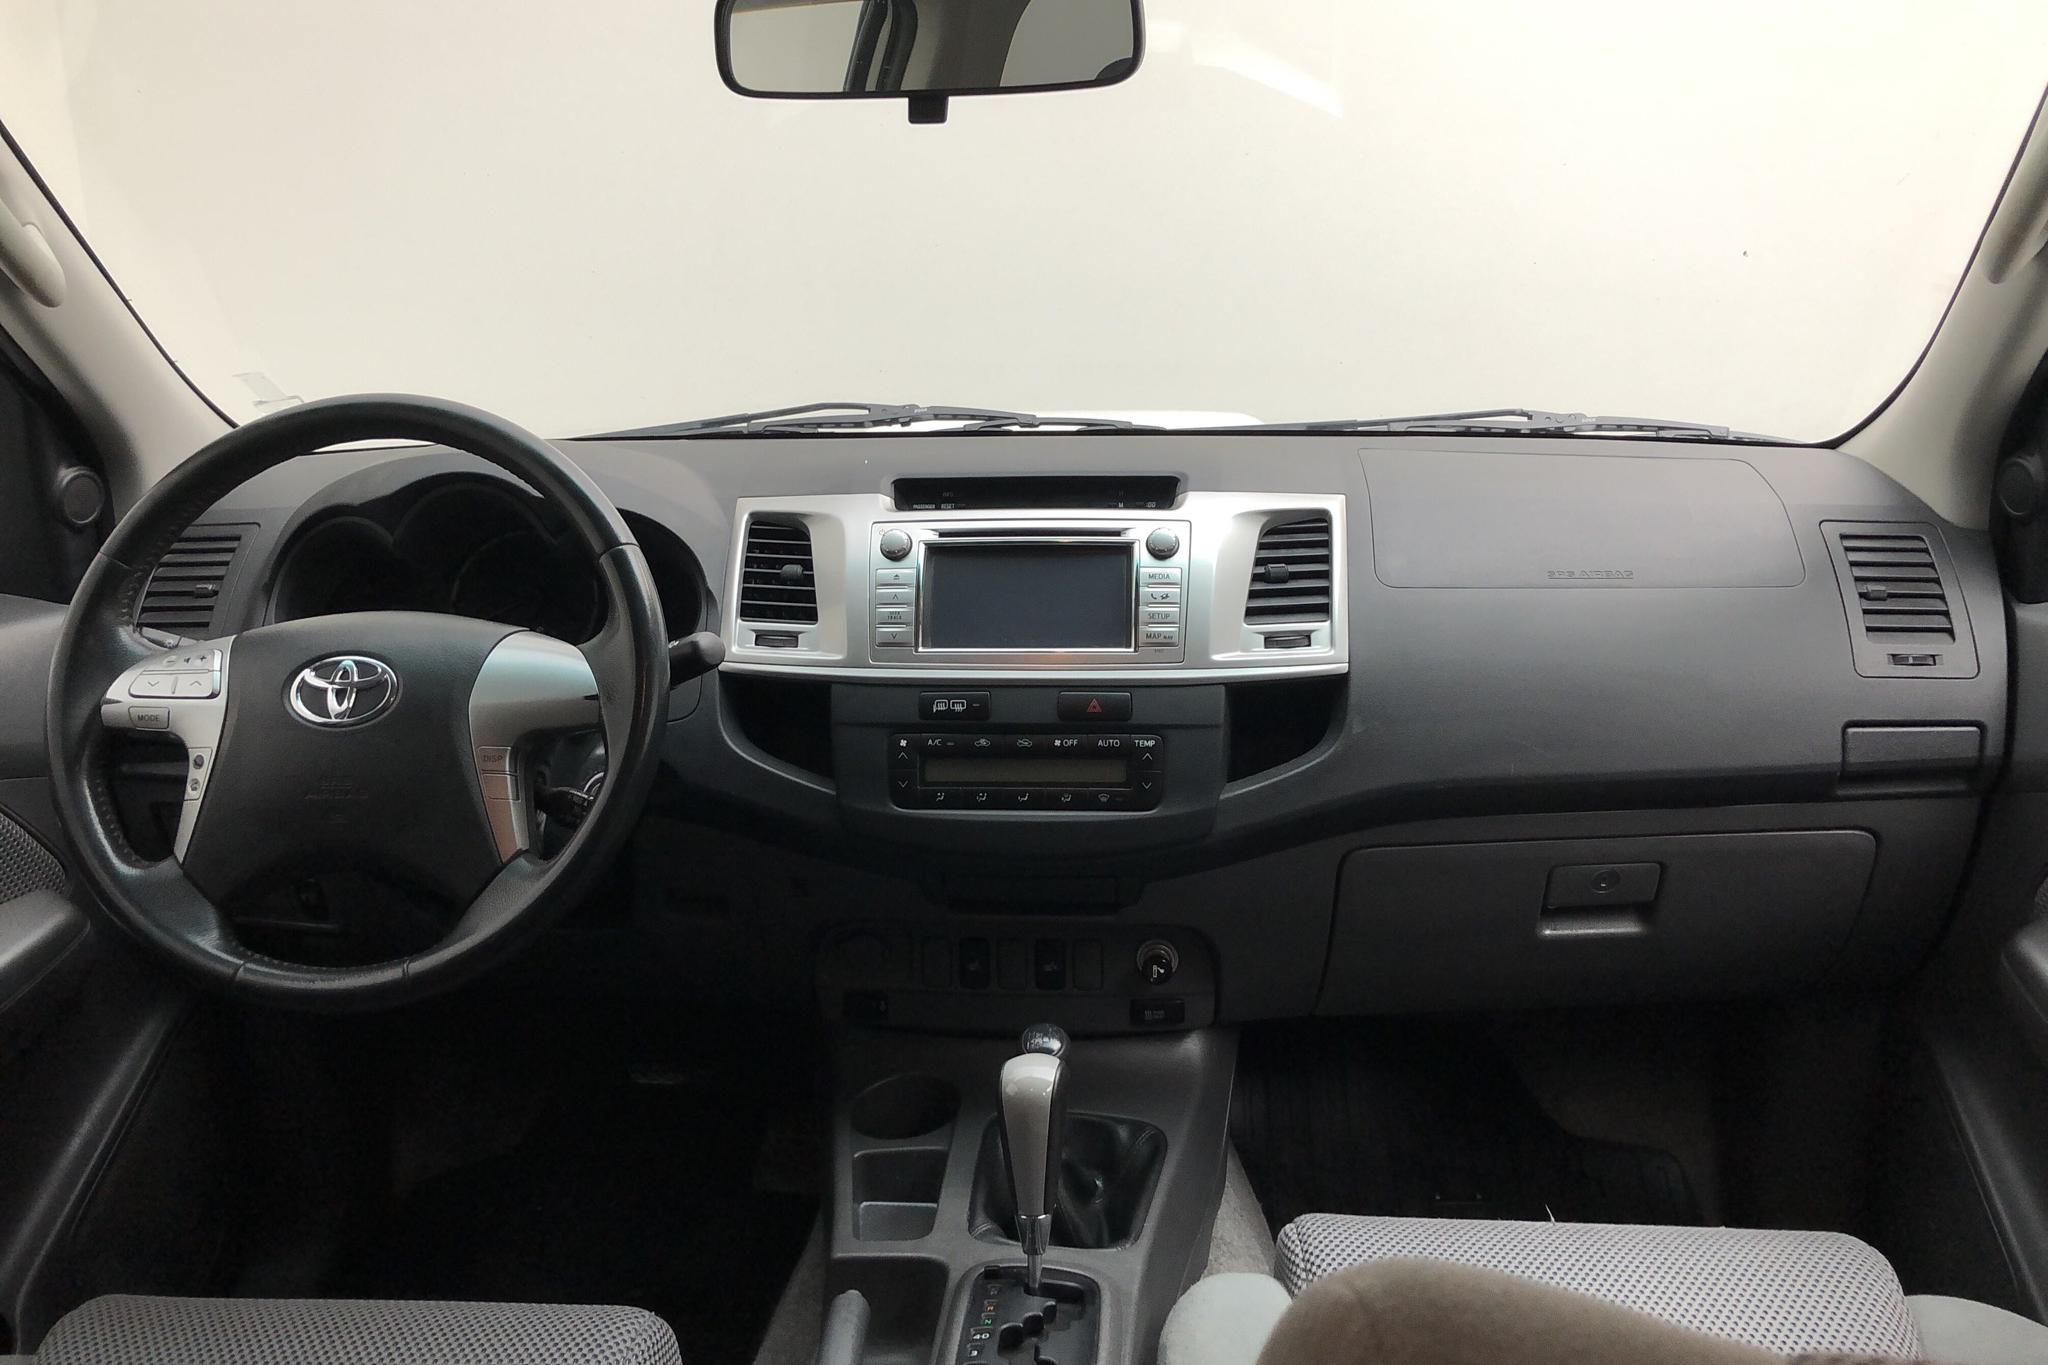 Toyota Hilux 3.0 D-4D 4WD (171hk) - 19 025 mil - Automat - vit - 2013